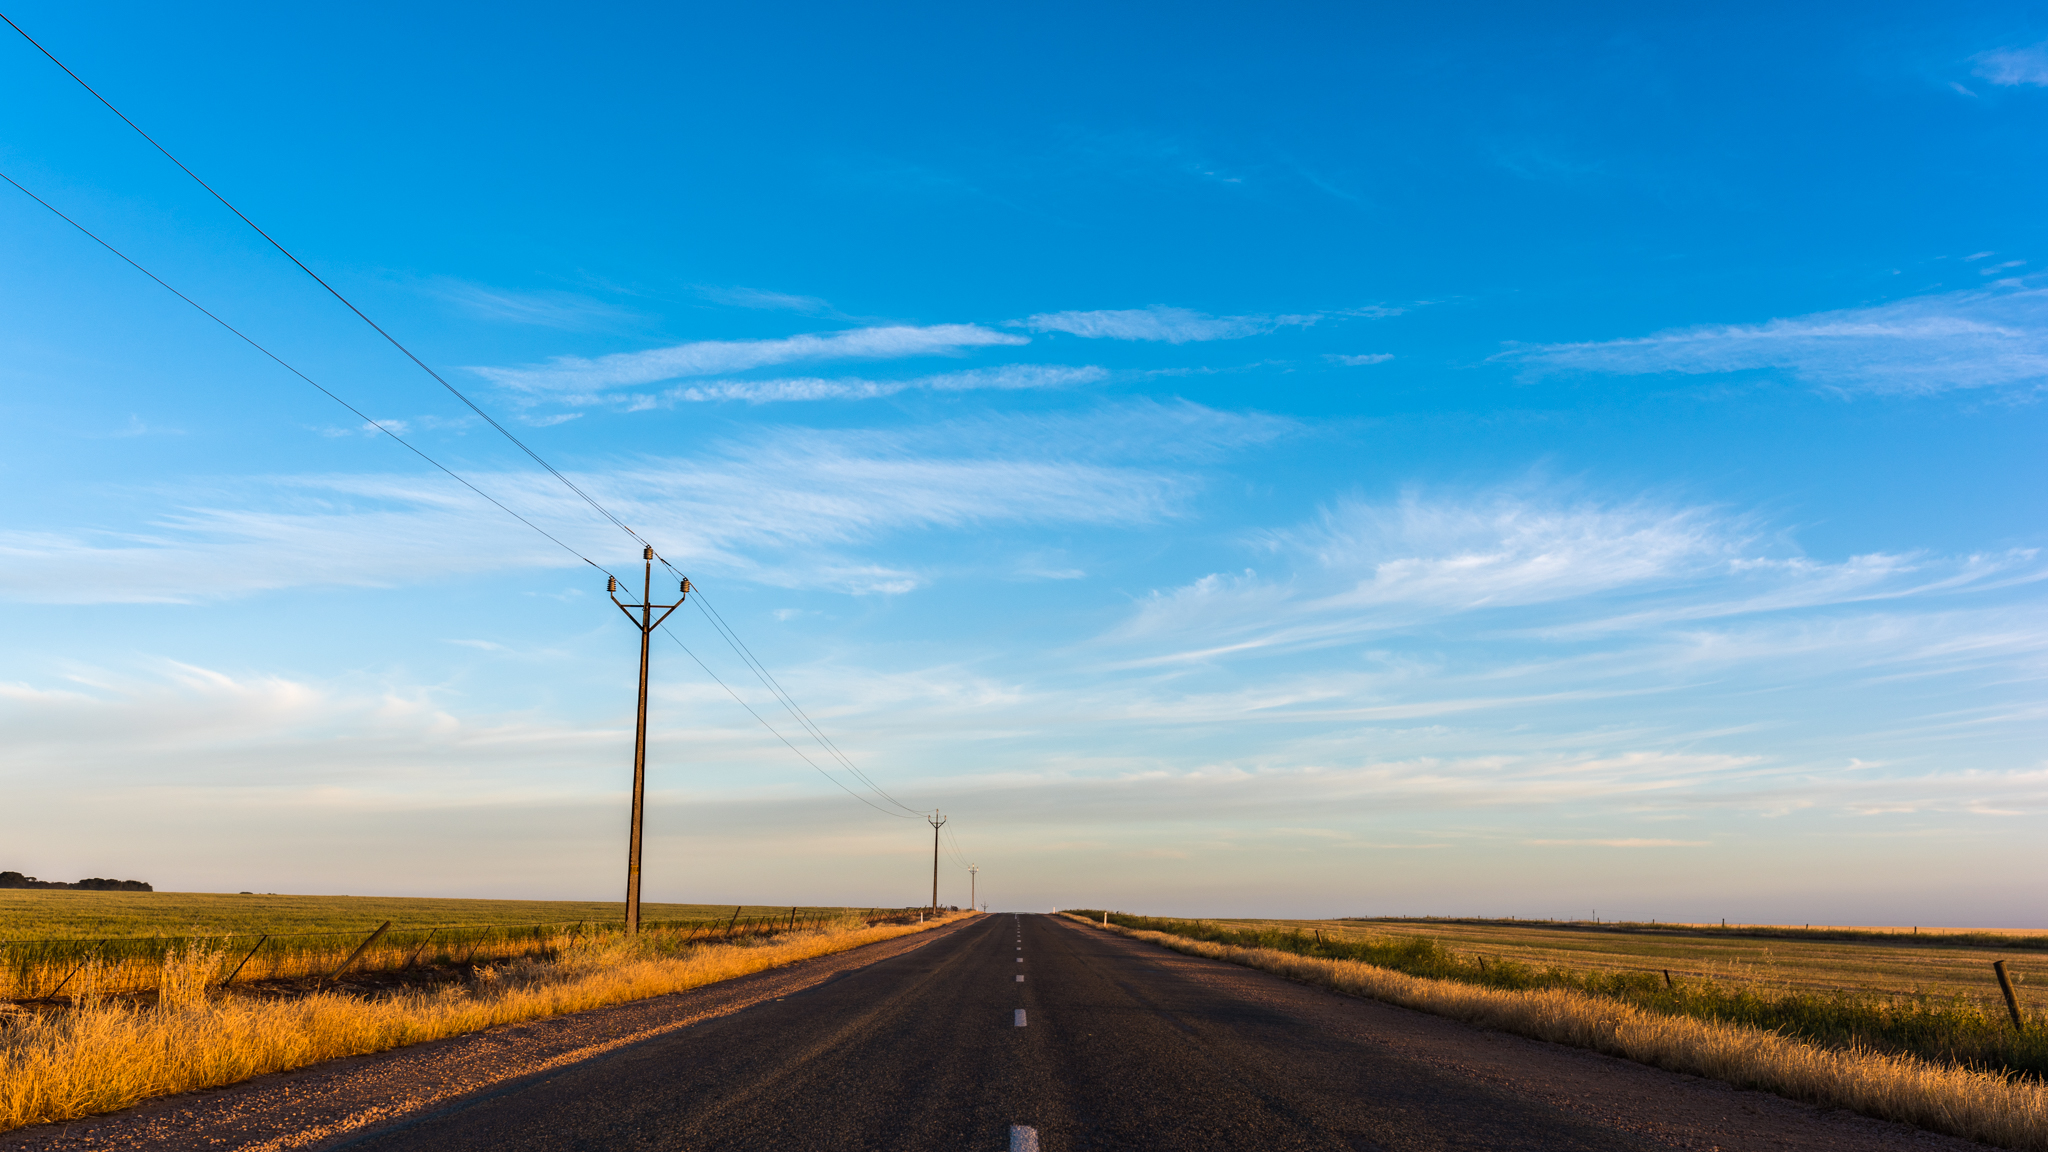 Landscape - Daniel Purvis -_DSC9259.jpg